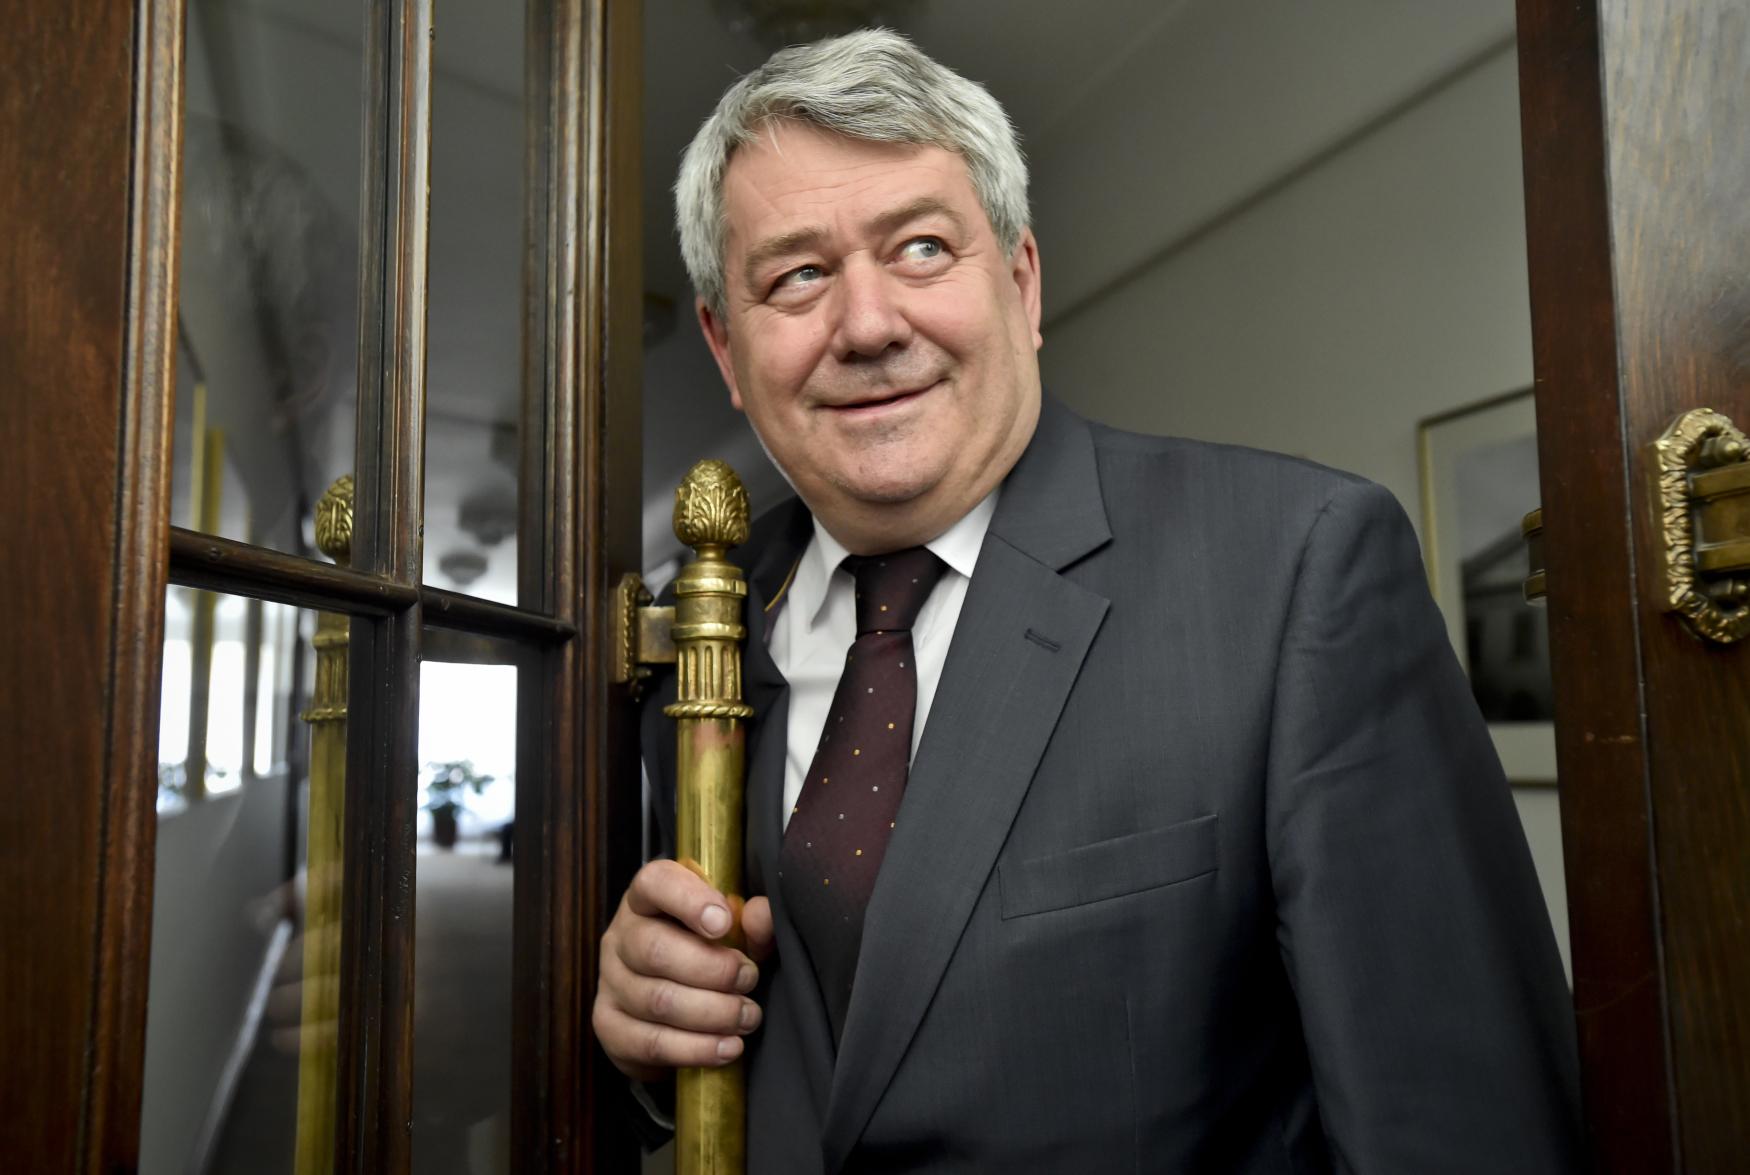 Předseda KSČM Vojtěch Filip přichází na jednání o koaliční smlouvě s předsedou ANO Andrejem Babišem a ČSSD Janem Hamáčkem.